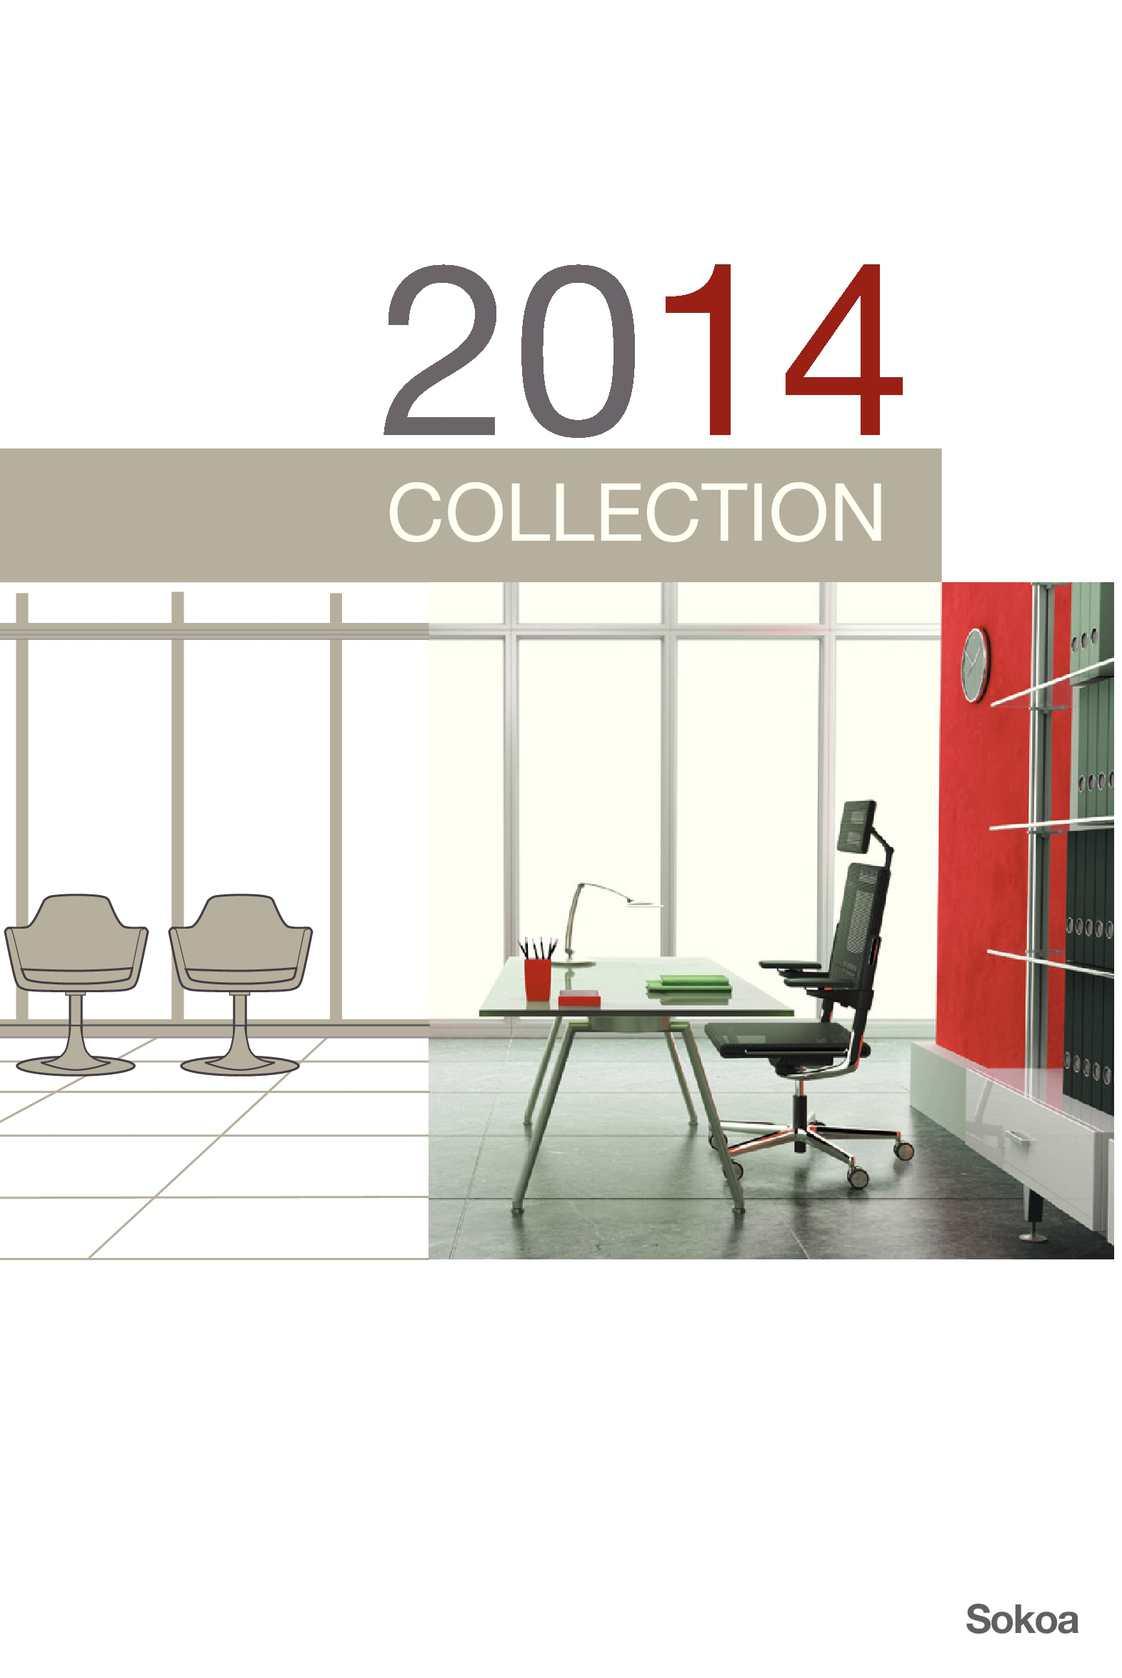 Catalogue Calaméo Catalogue Sokoa Calaméo 2014 2014 Collection Sokoa Collection wTkZOPXiu